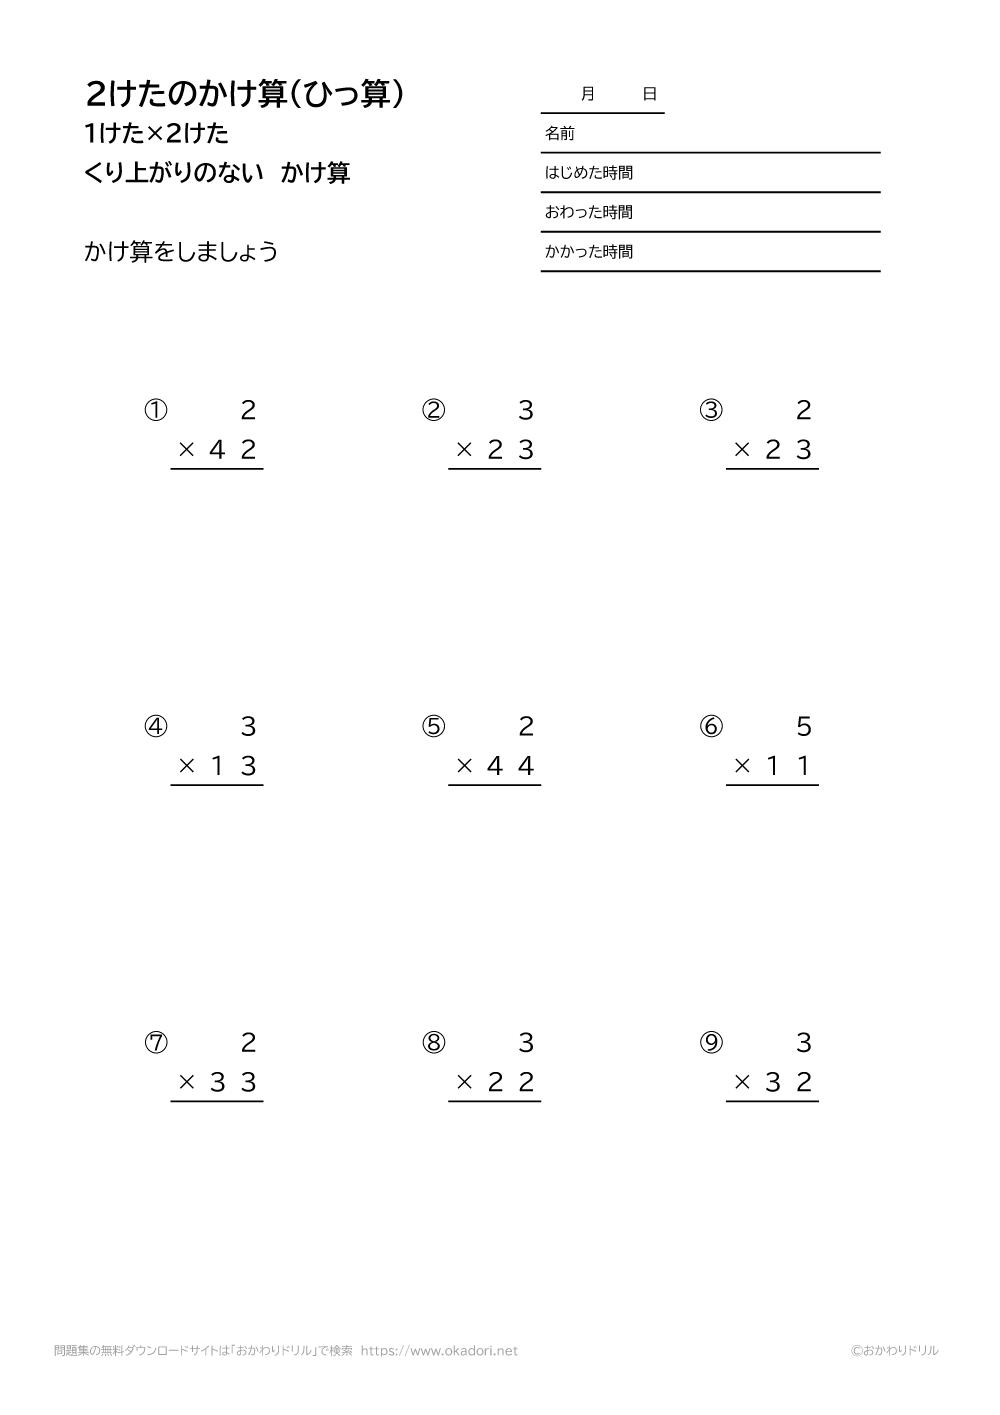 1桁×2桁の繰り上がりの無い掛け算の筆算2